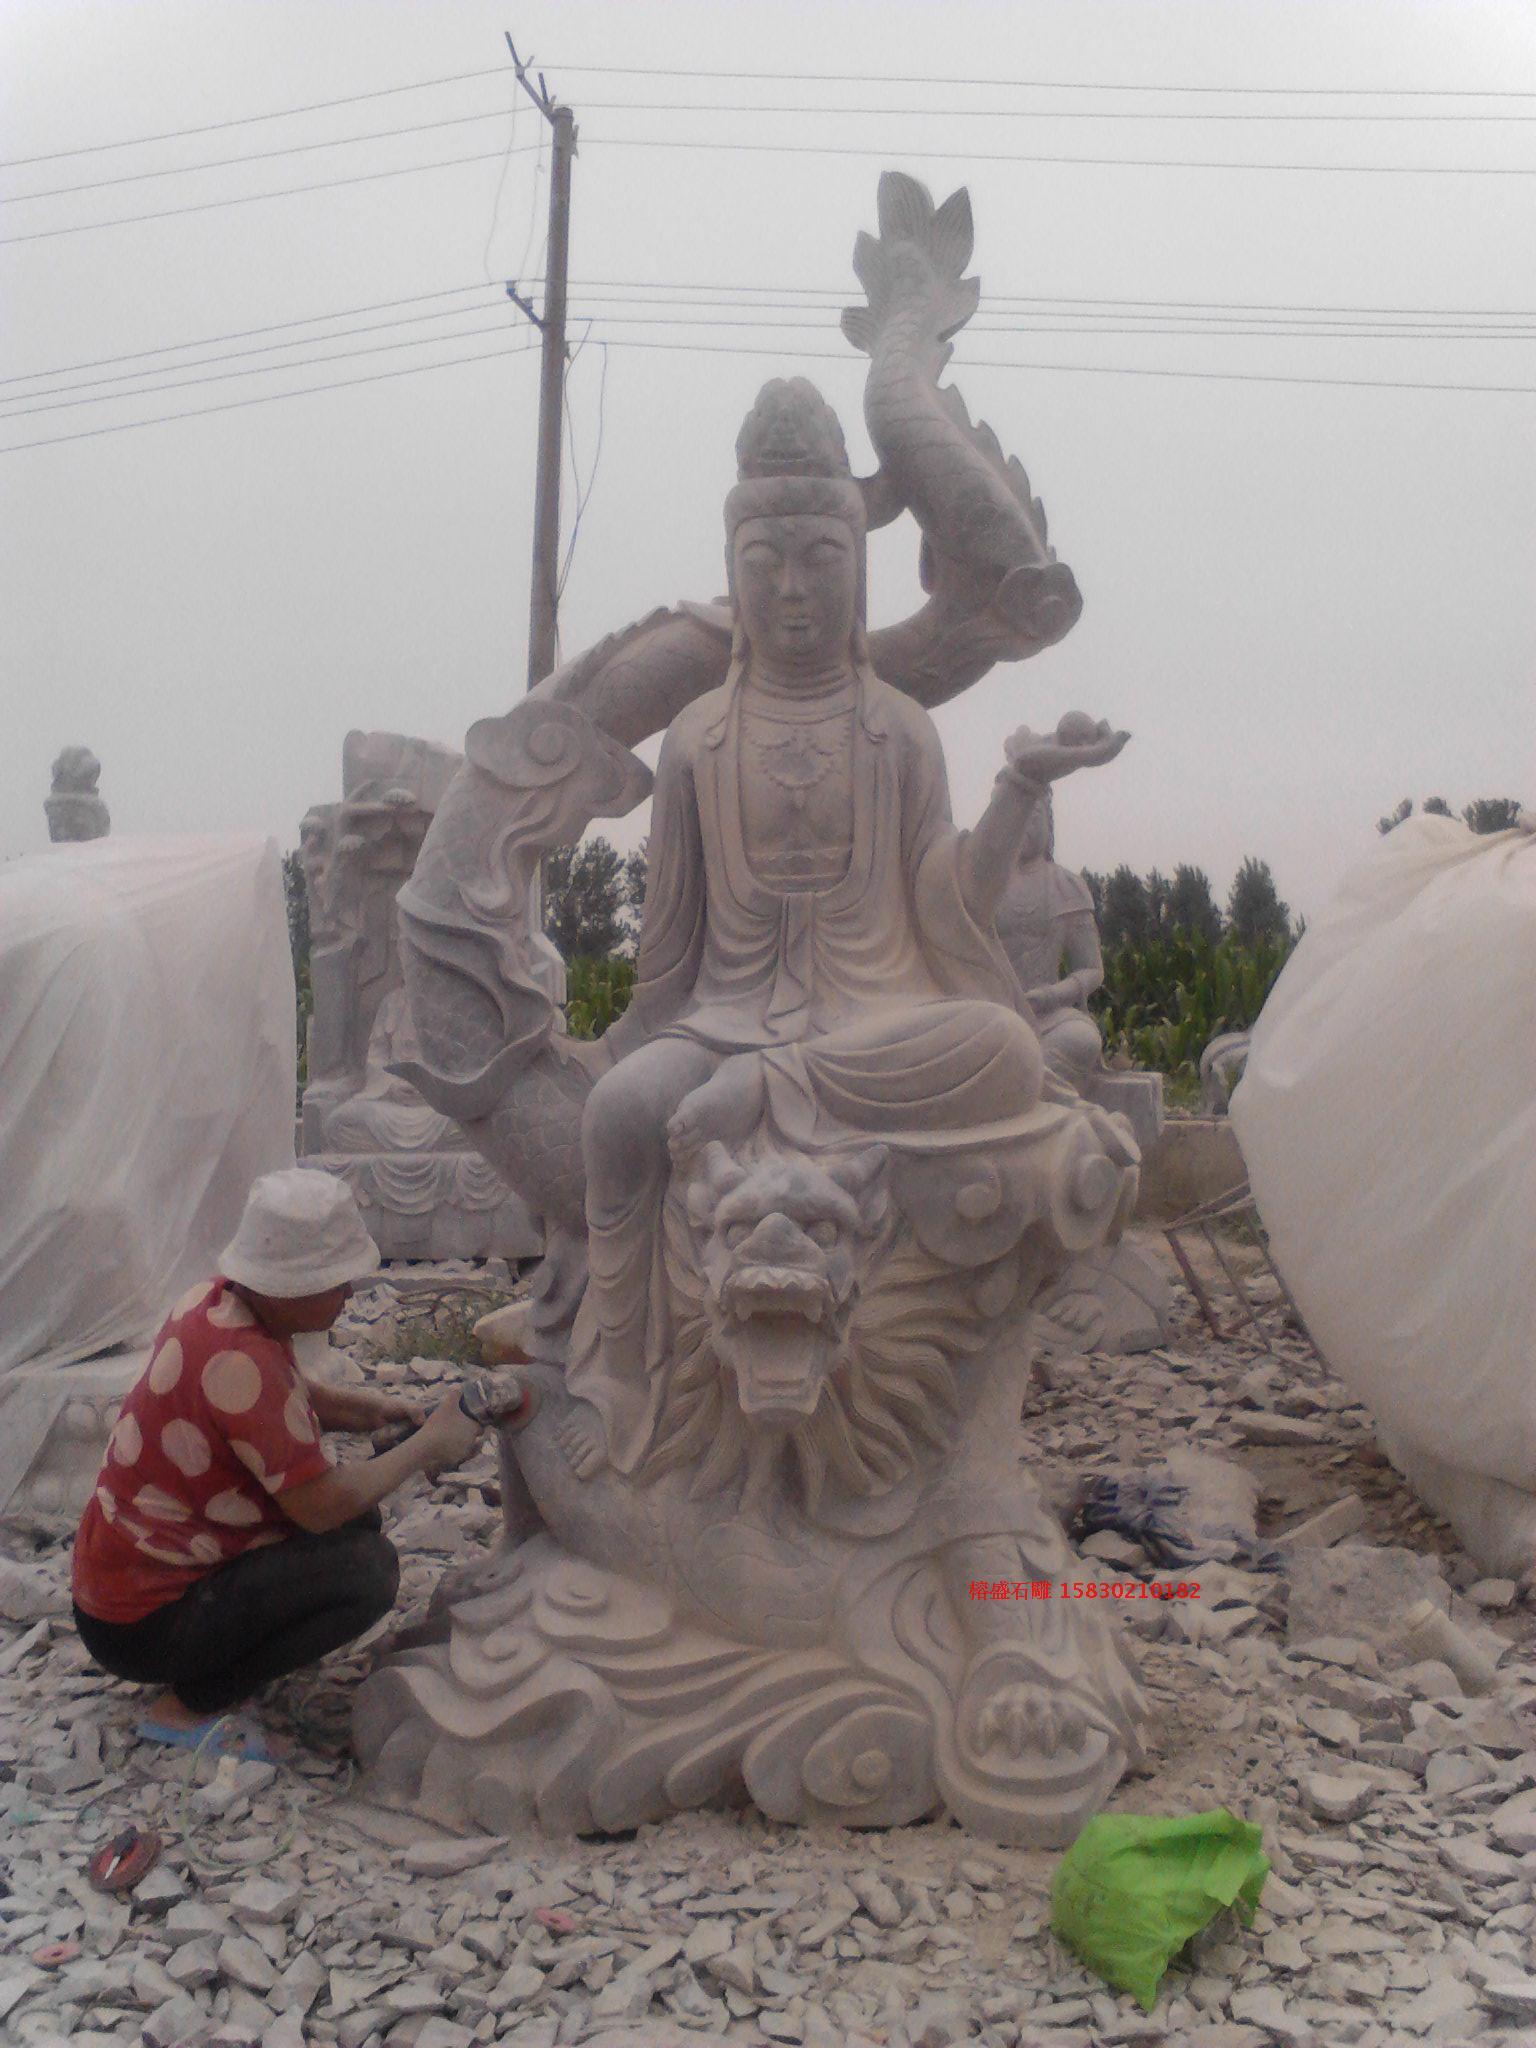 Чёрный мрамор Резьба по камню сидя статуи Будды, сидя камню статуя бодхисаттвы Гуаньинь Нотр-Дам Гуань Инь резьба, мрамор Ангелы